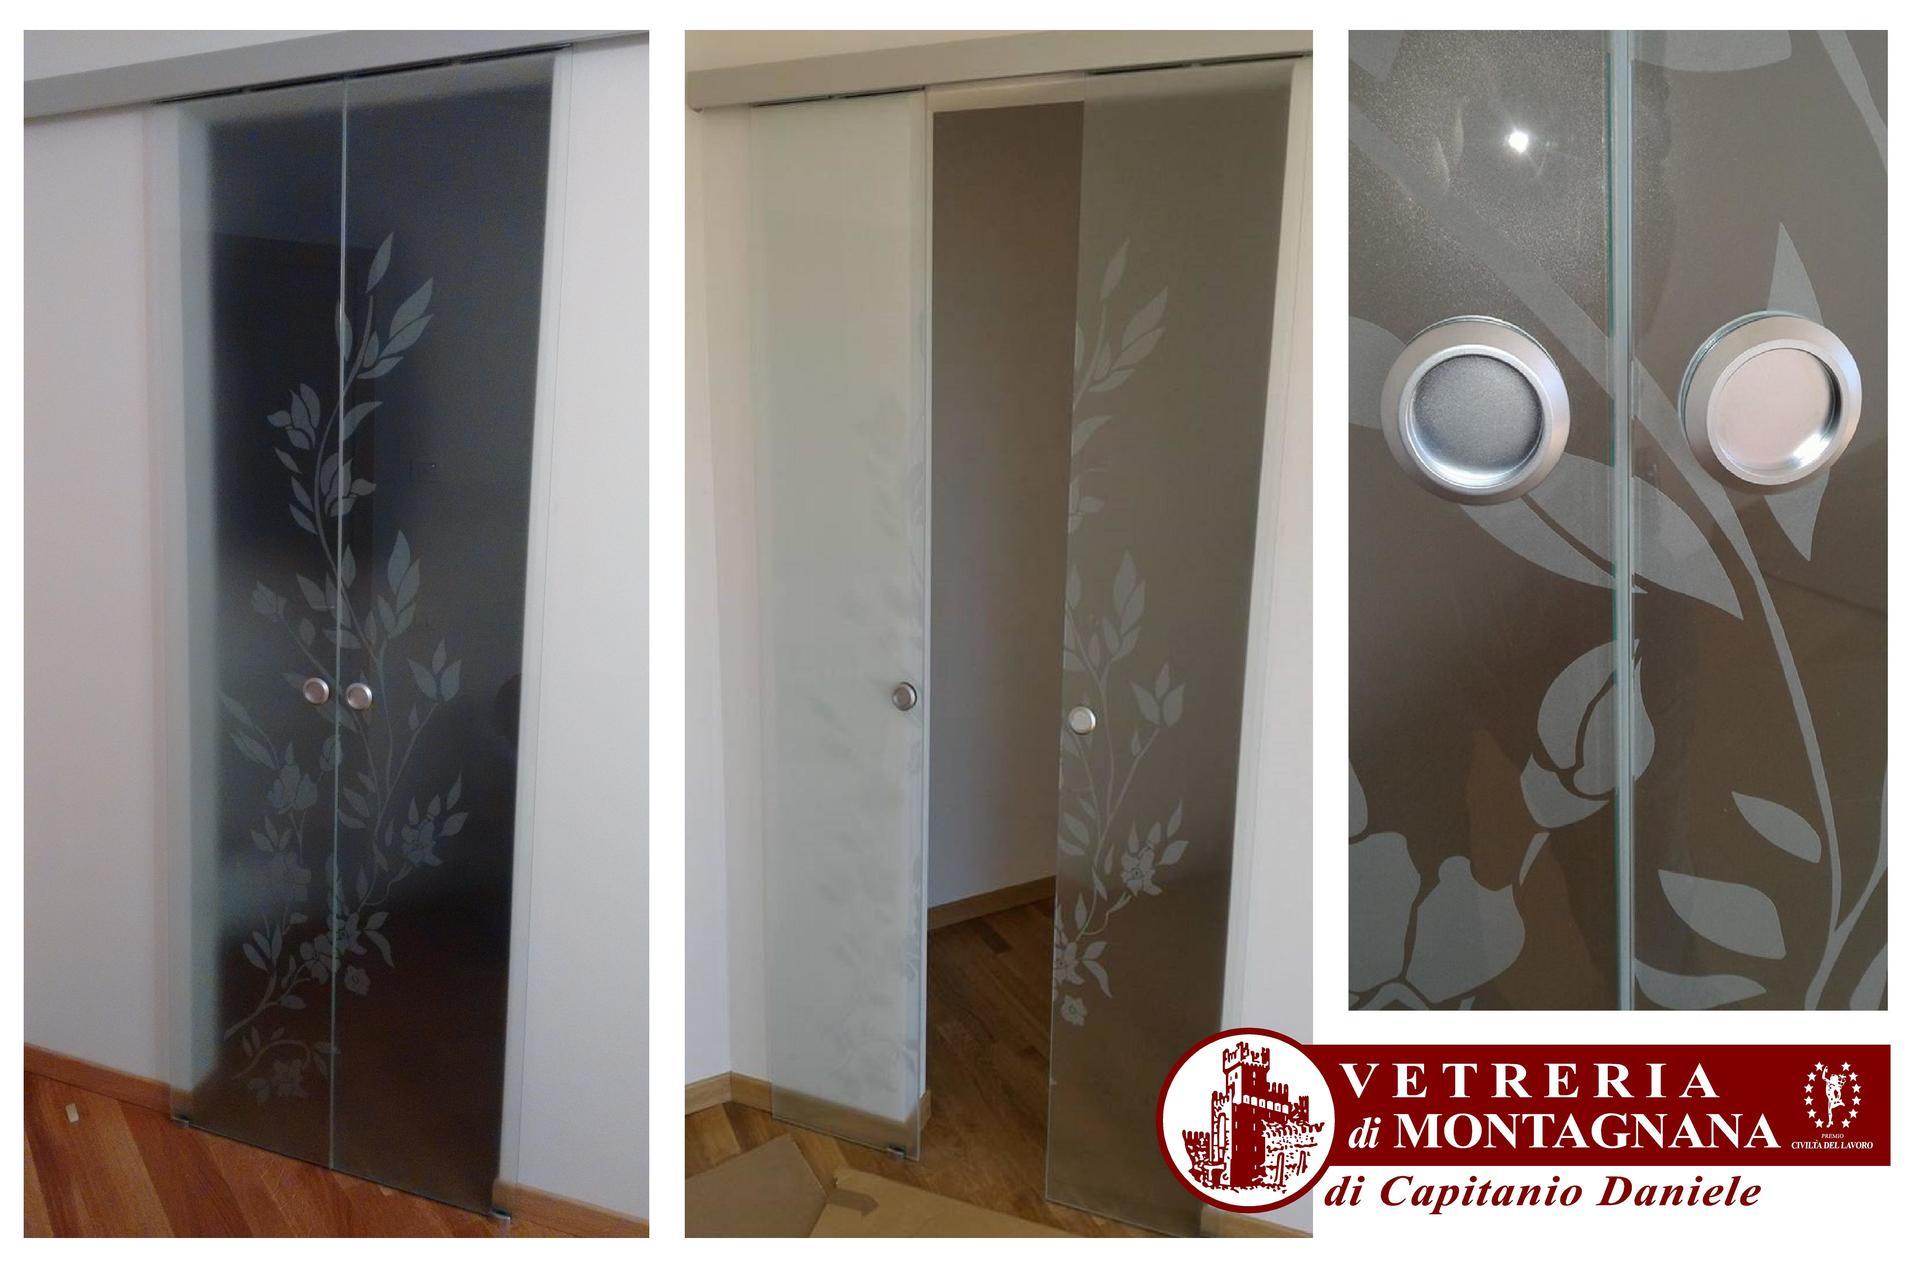 Vetri decorati a mano  Montagnana PD  Vetreria Di